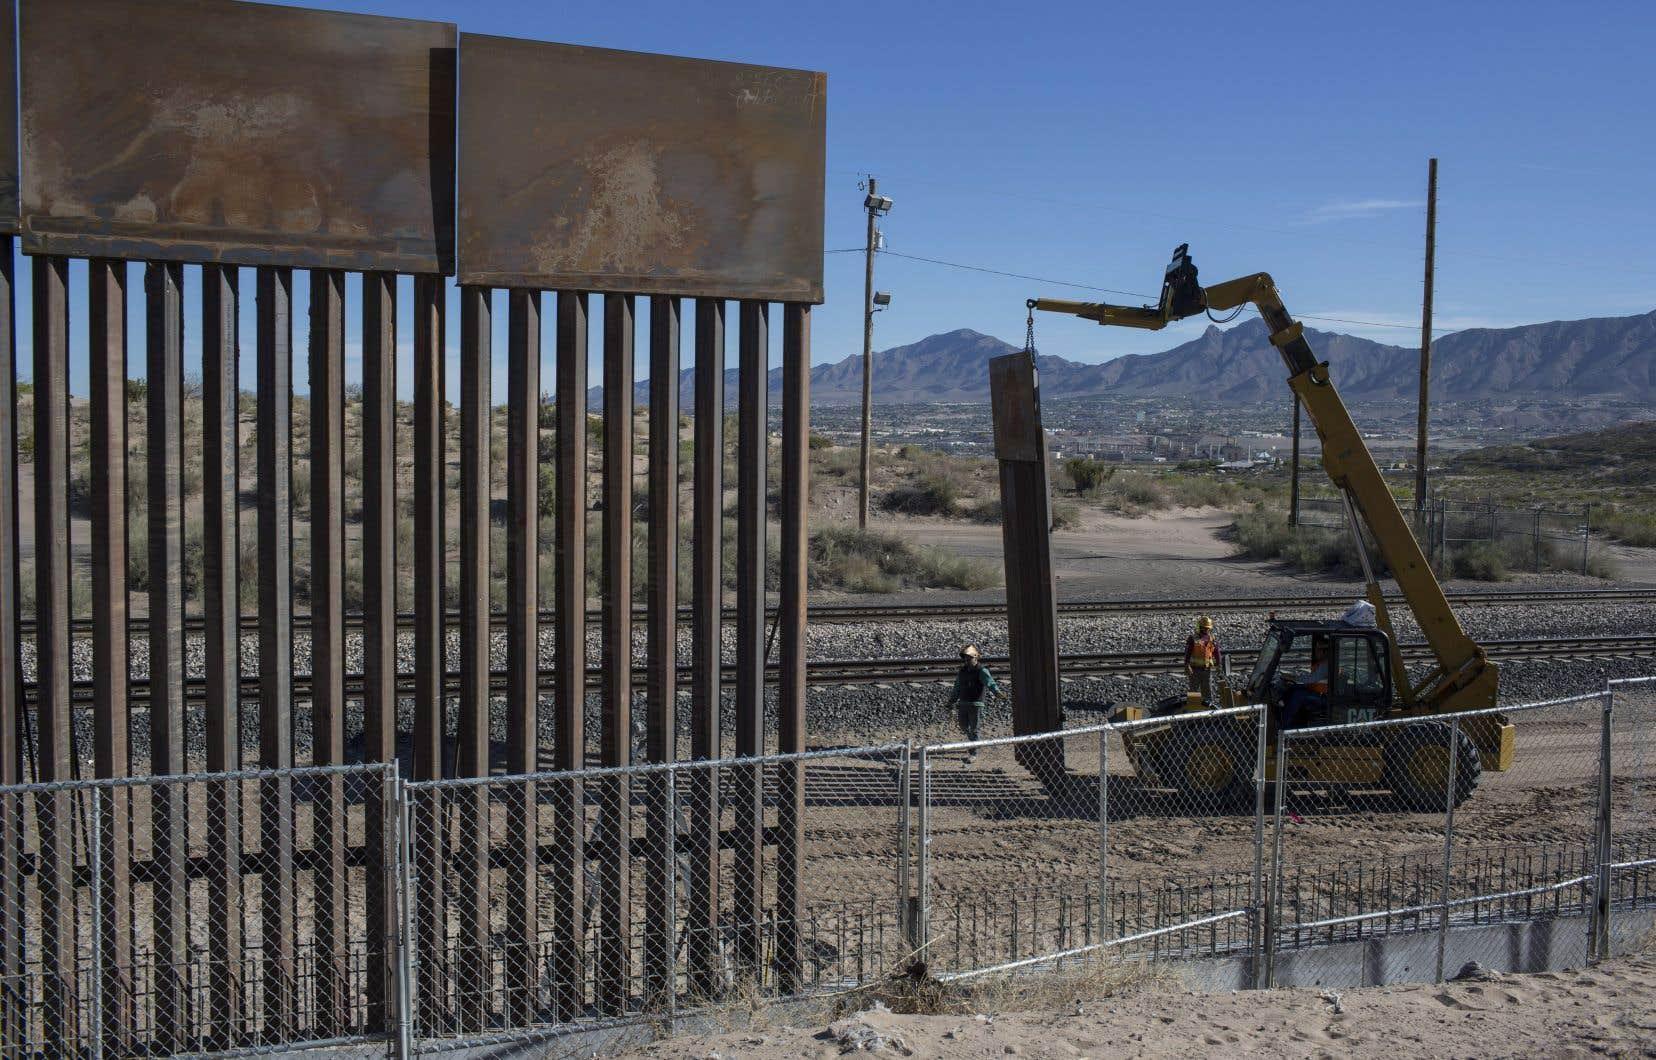 Plus de 22millions de dollars ont déjà été versés par les internautes via une plateforme de financement participatif pour construire le mur privé.